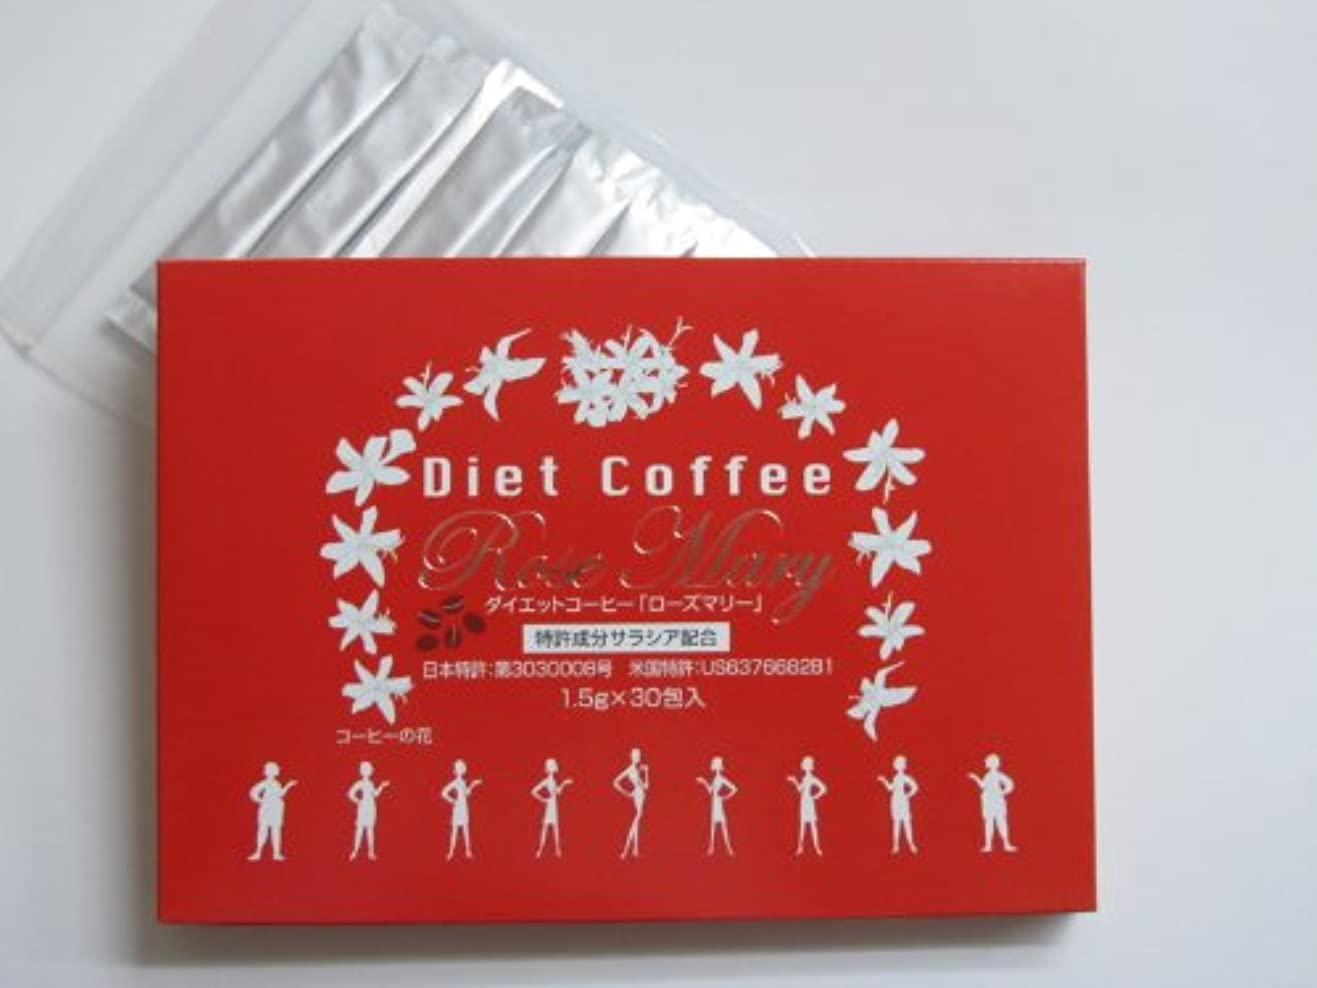 周術期ジャケットハントダイエットコーヒー ローズマリー (特許成分サラシノール配合) 30包